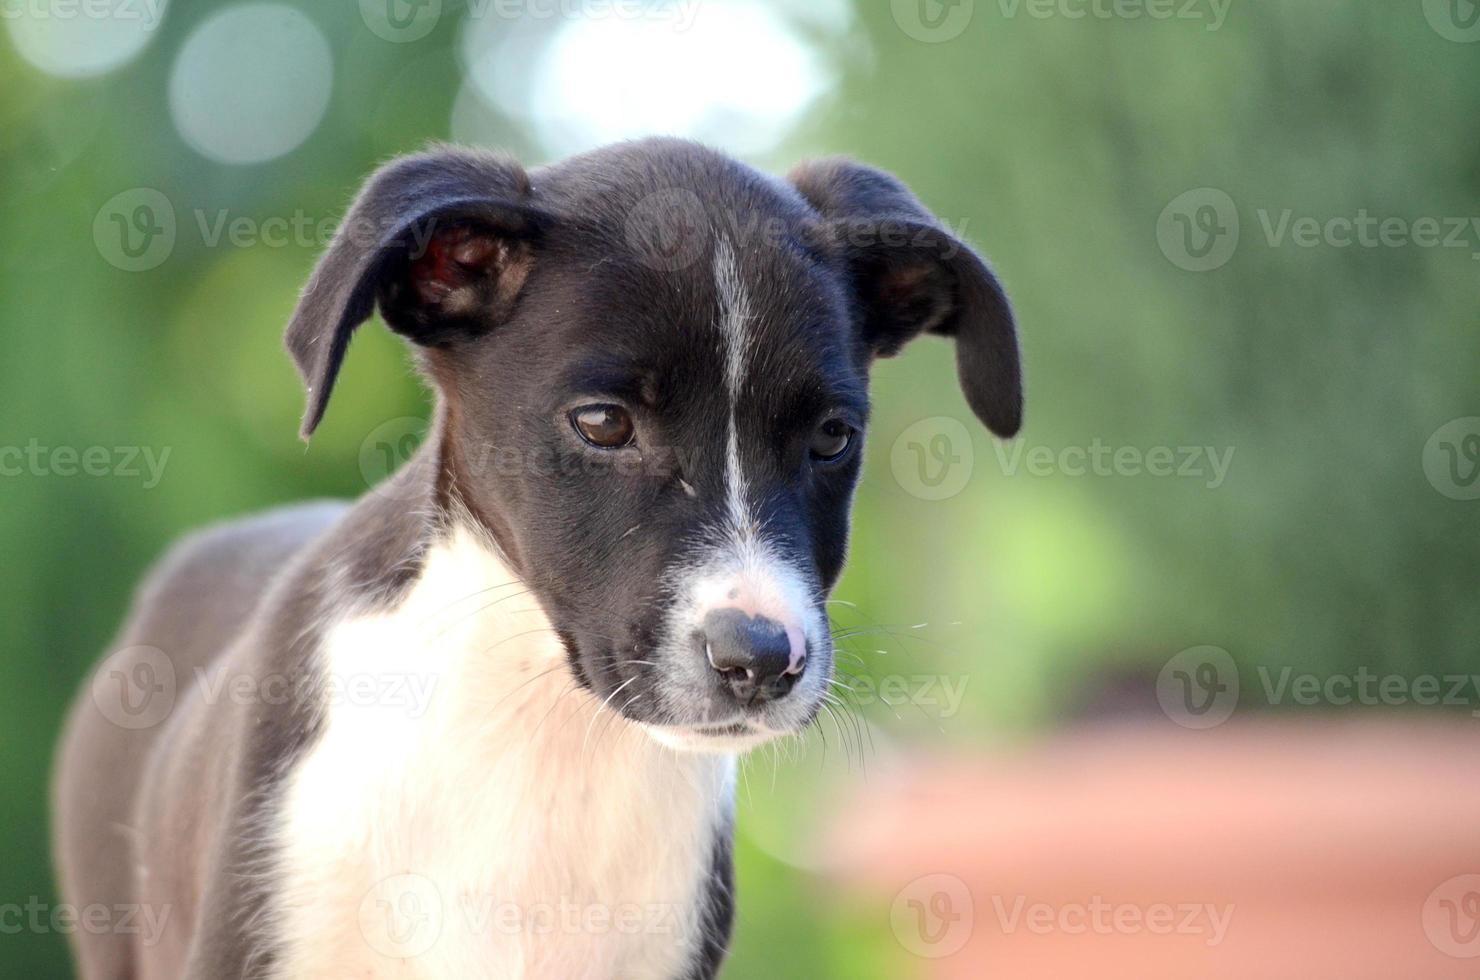 lindos cachorros de perro amstaff, tema animal foto